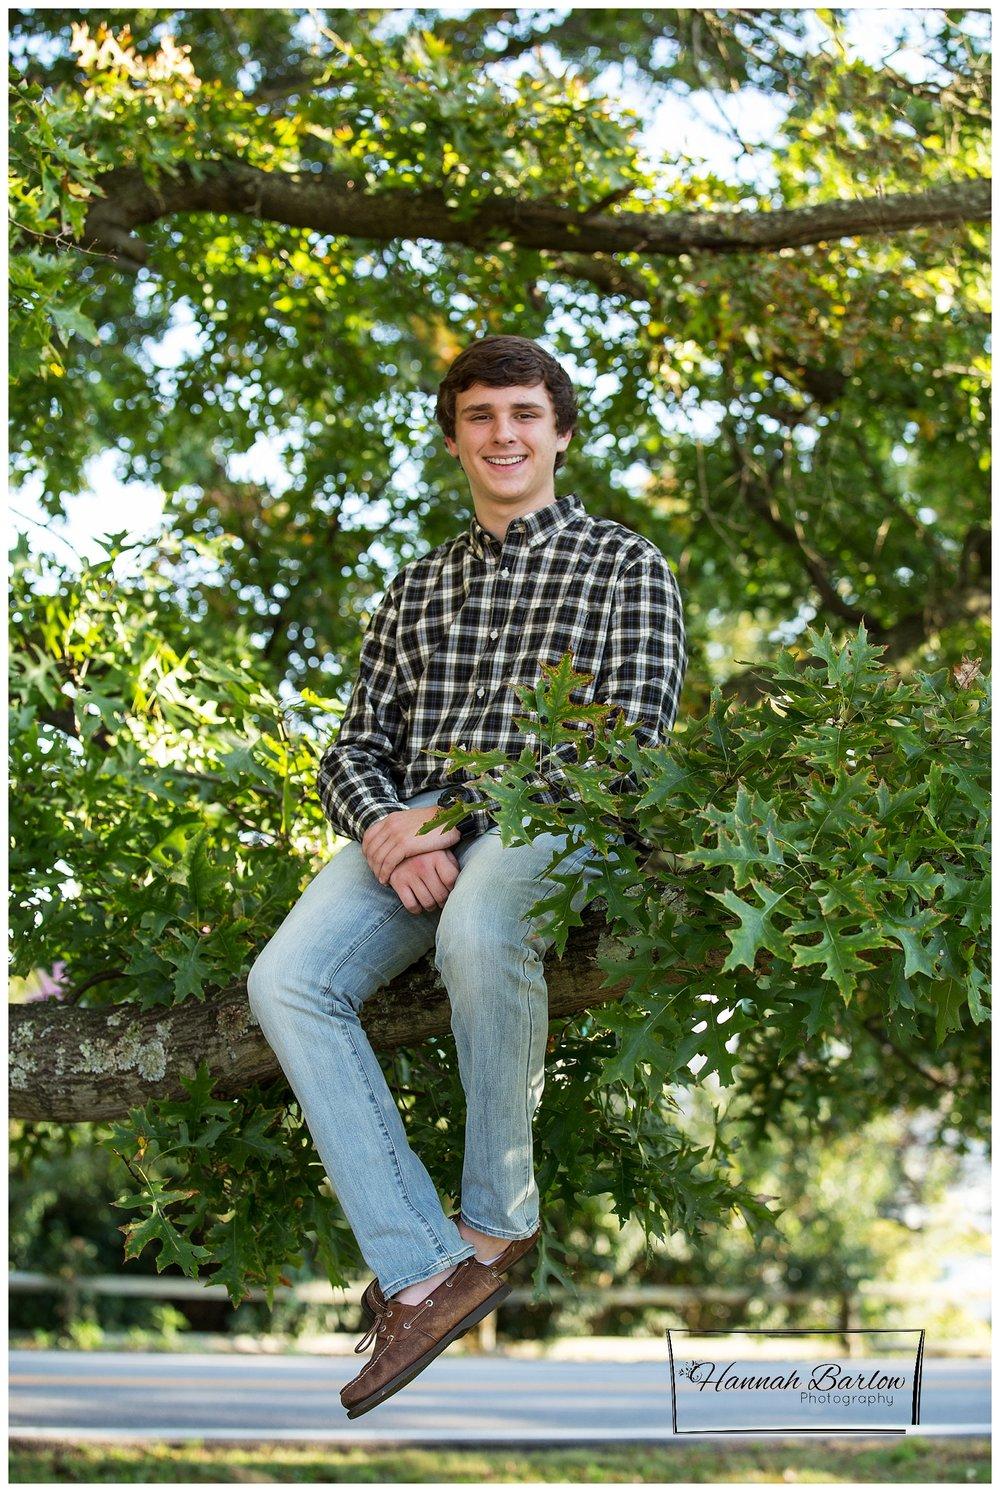 Wellsburg, WV High School Senior Photographs